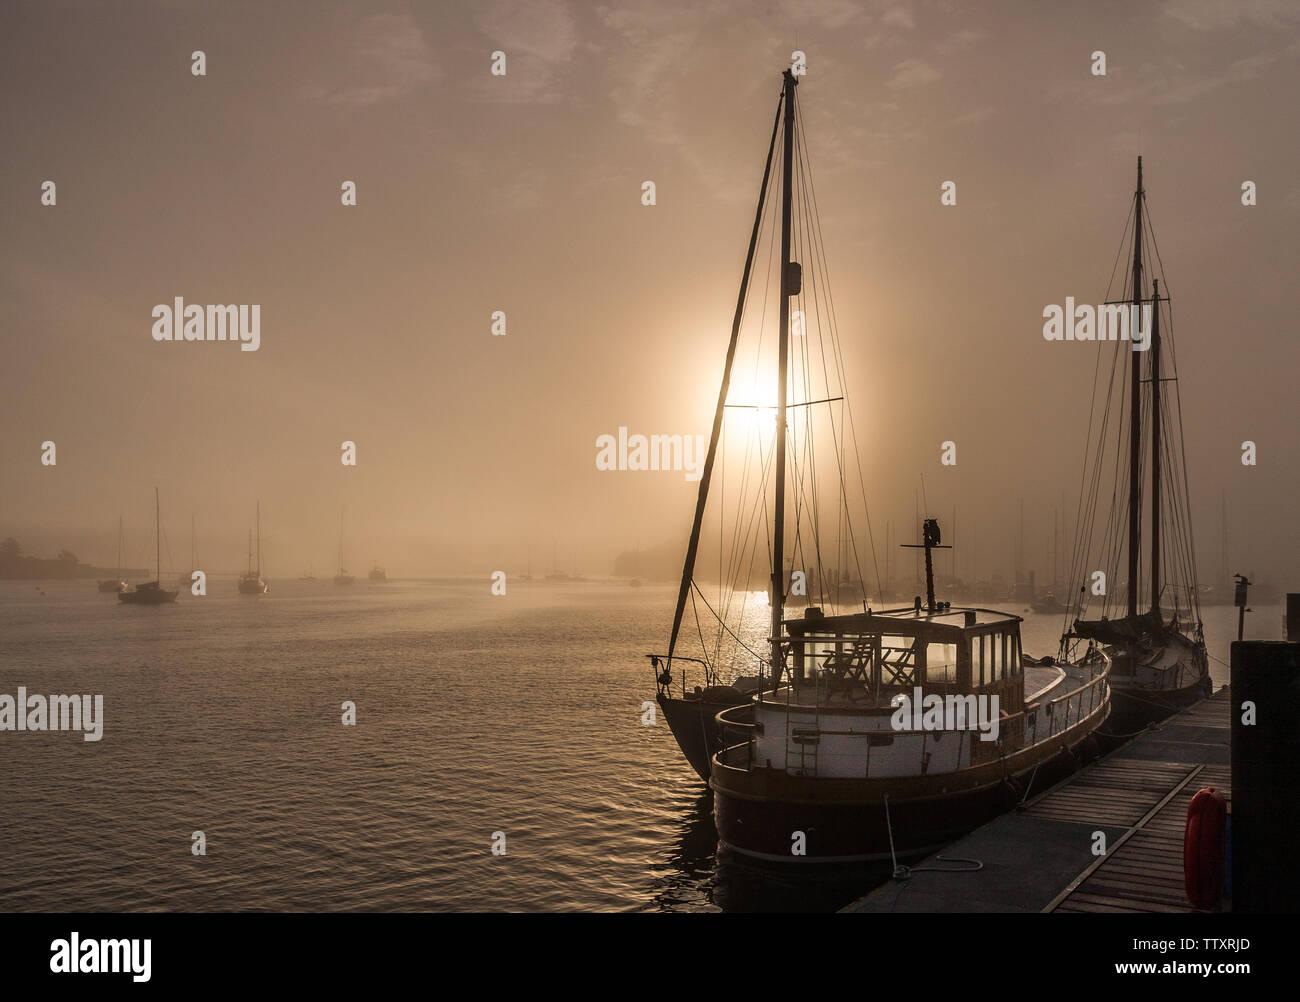 Crosshaven, Cork, Irlande. 18 Juin, 2019. Tôt le matin, le brouillard commence à se dissiper avec le soleil du matin que la cabine cruiser Naom Lua est attaché à l'embarcadère à Crosshaven, co Cork, Irlande. Crédit: David Creedon/Alamy Live News Photo Stock